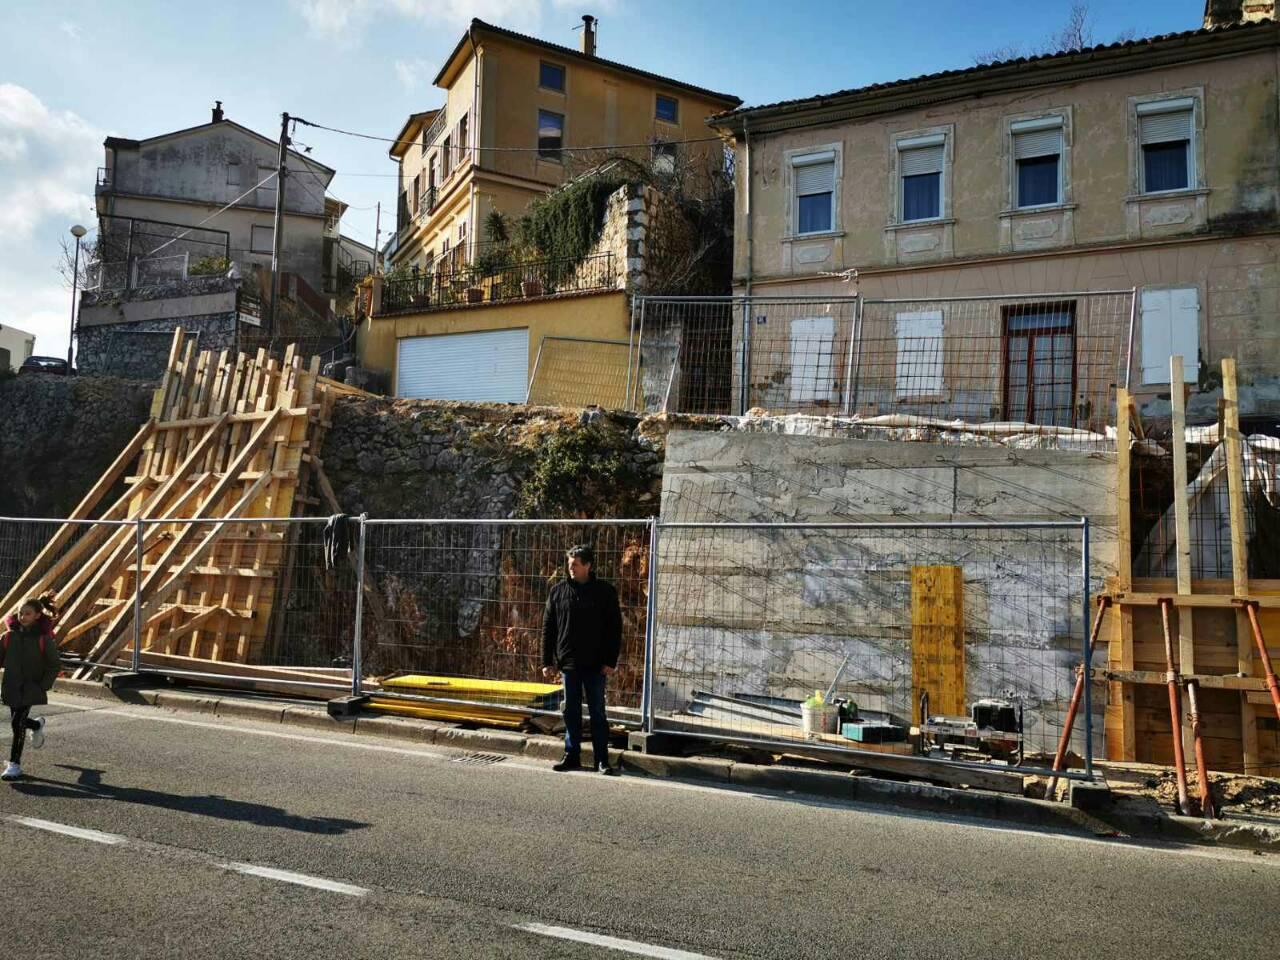 Potpunu obnovu doživjet će potporni zid preko puta vatrogasnog doma / Foto Grad Crikvenica